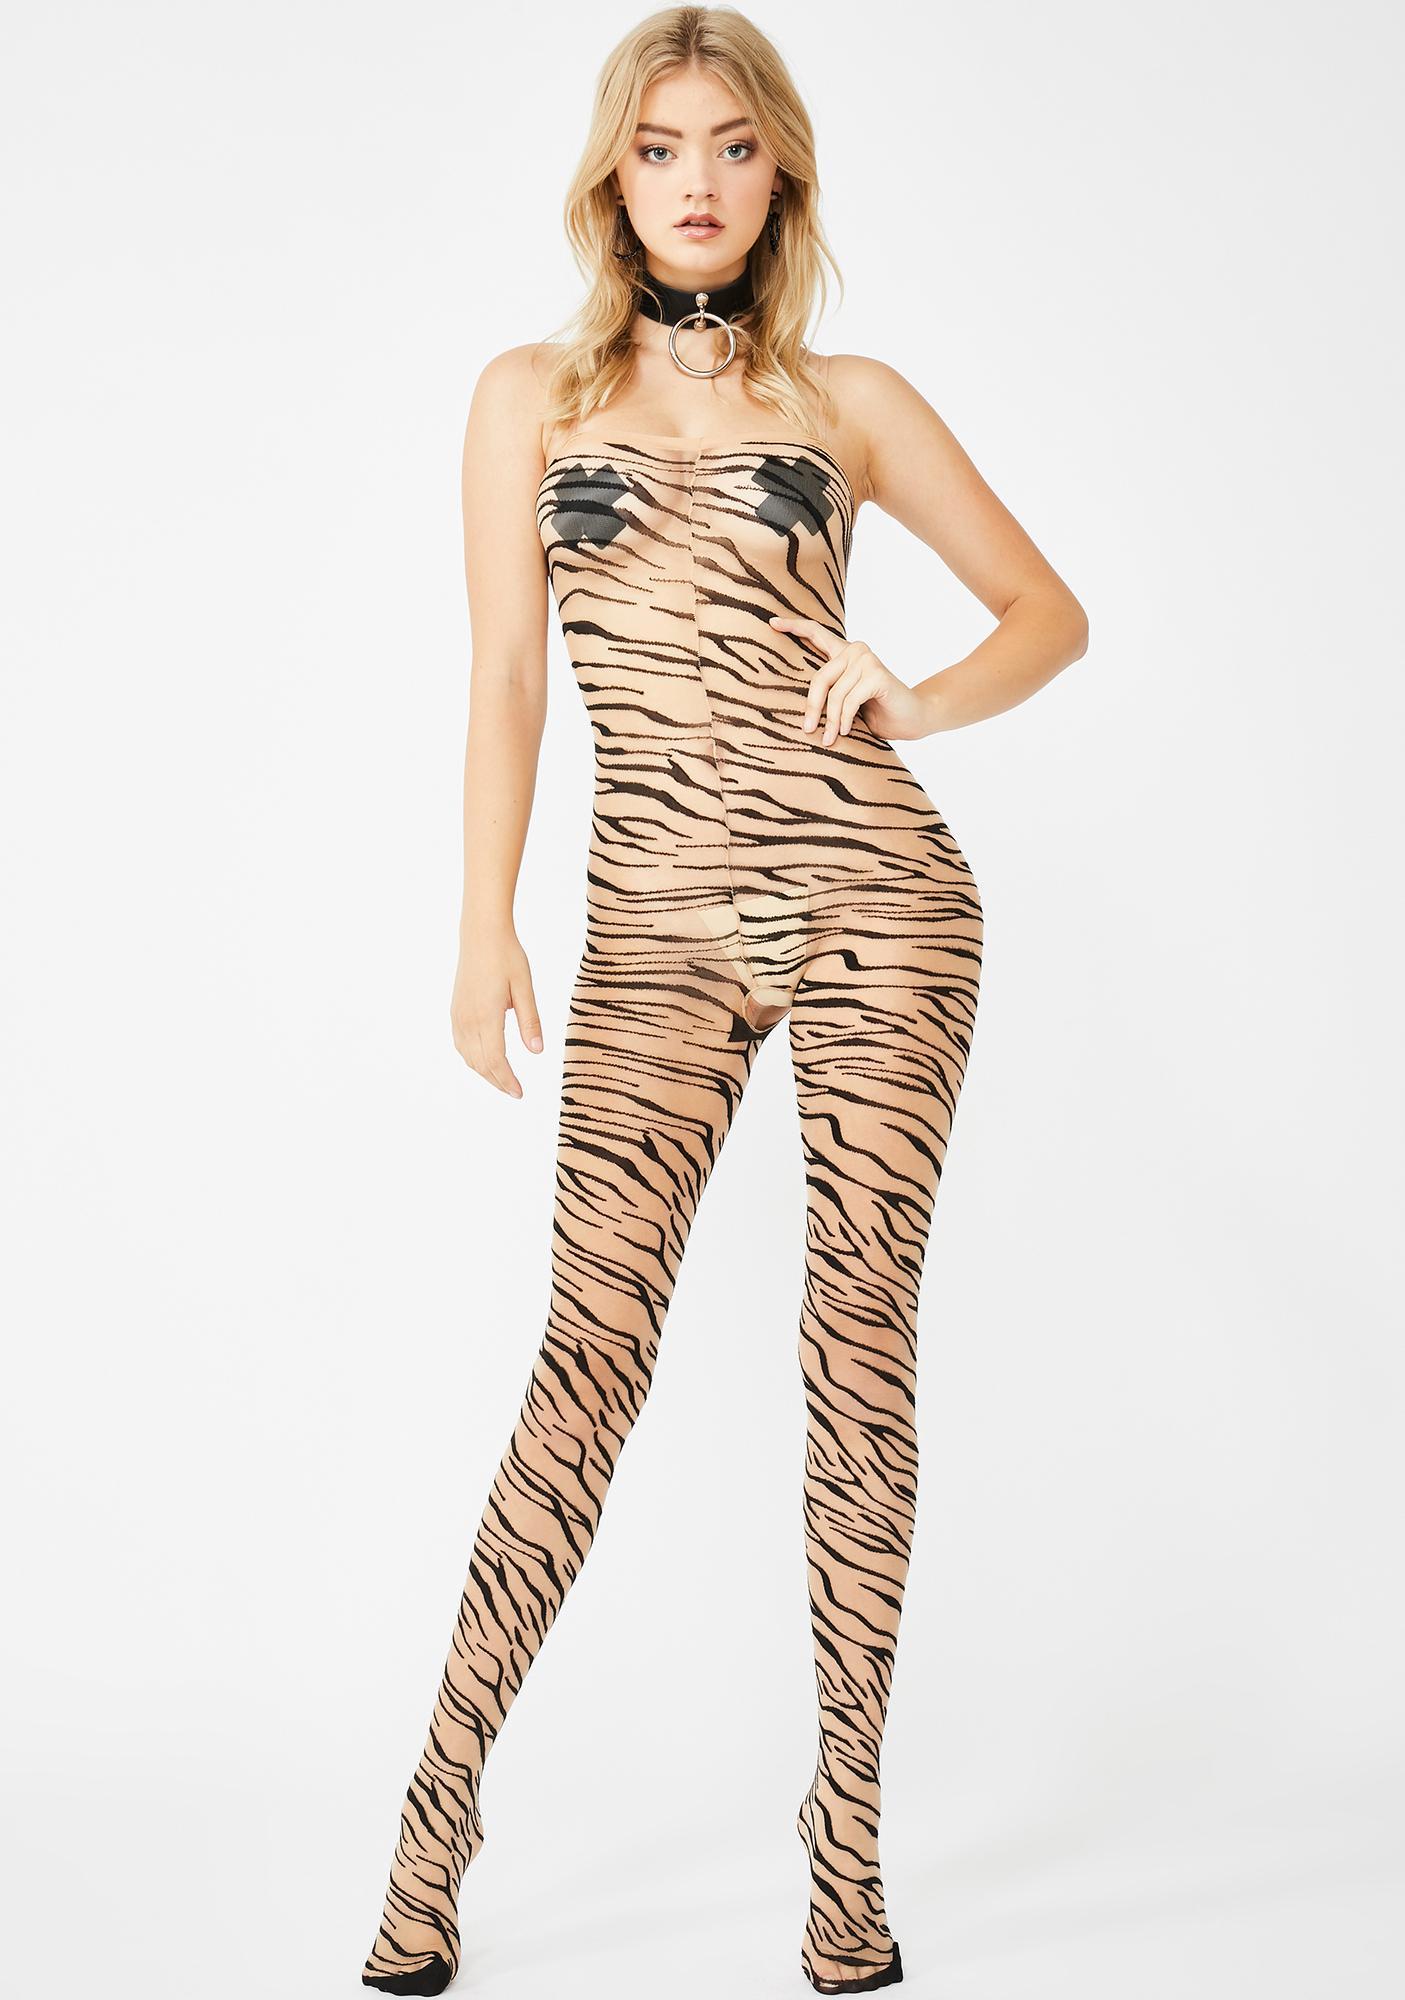 Tigress Temptress Sheer Bodystocking